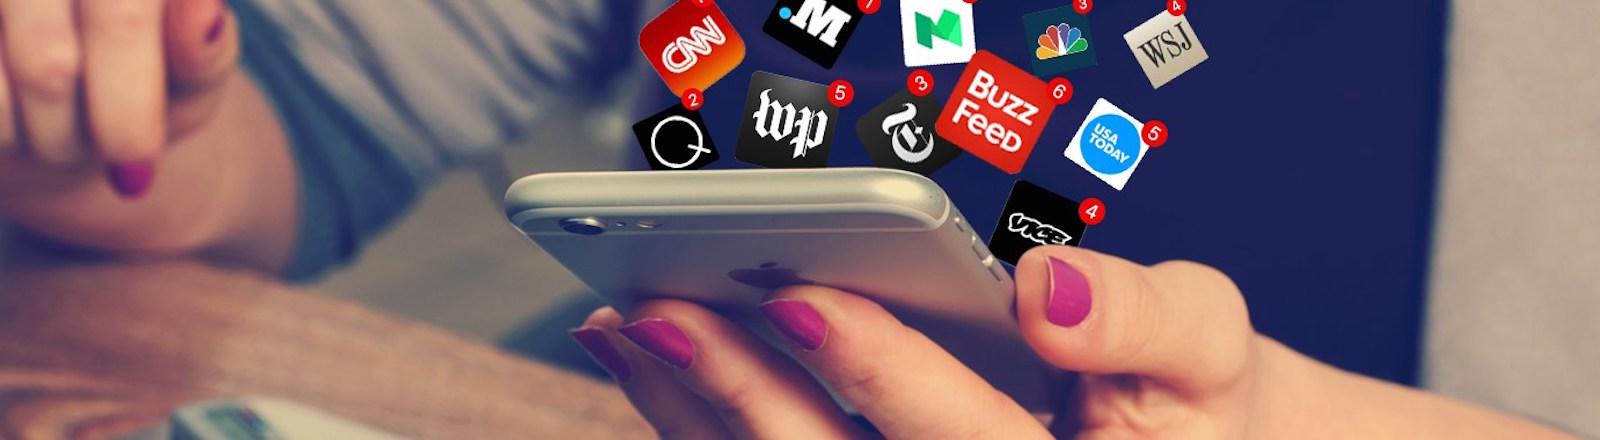 iPhone アプリで「プッシュ通知広告」が可能に:Appleの新ルールに期待を寄せるマーケターたち | DIGIDAY[日本版]